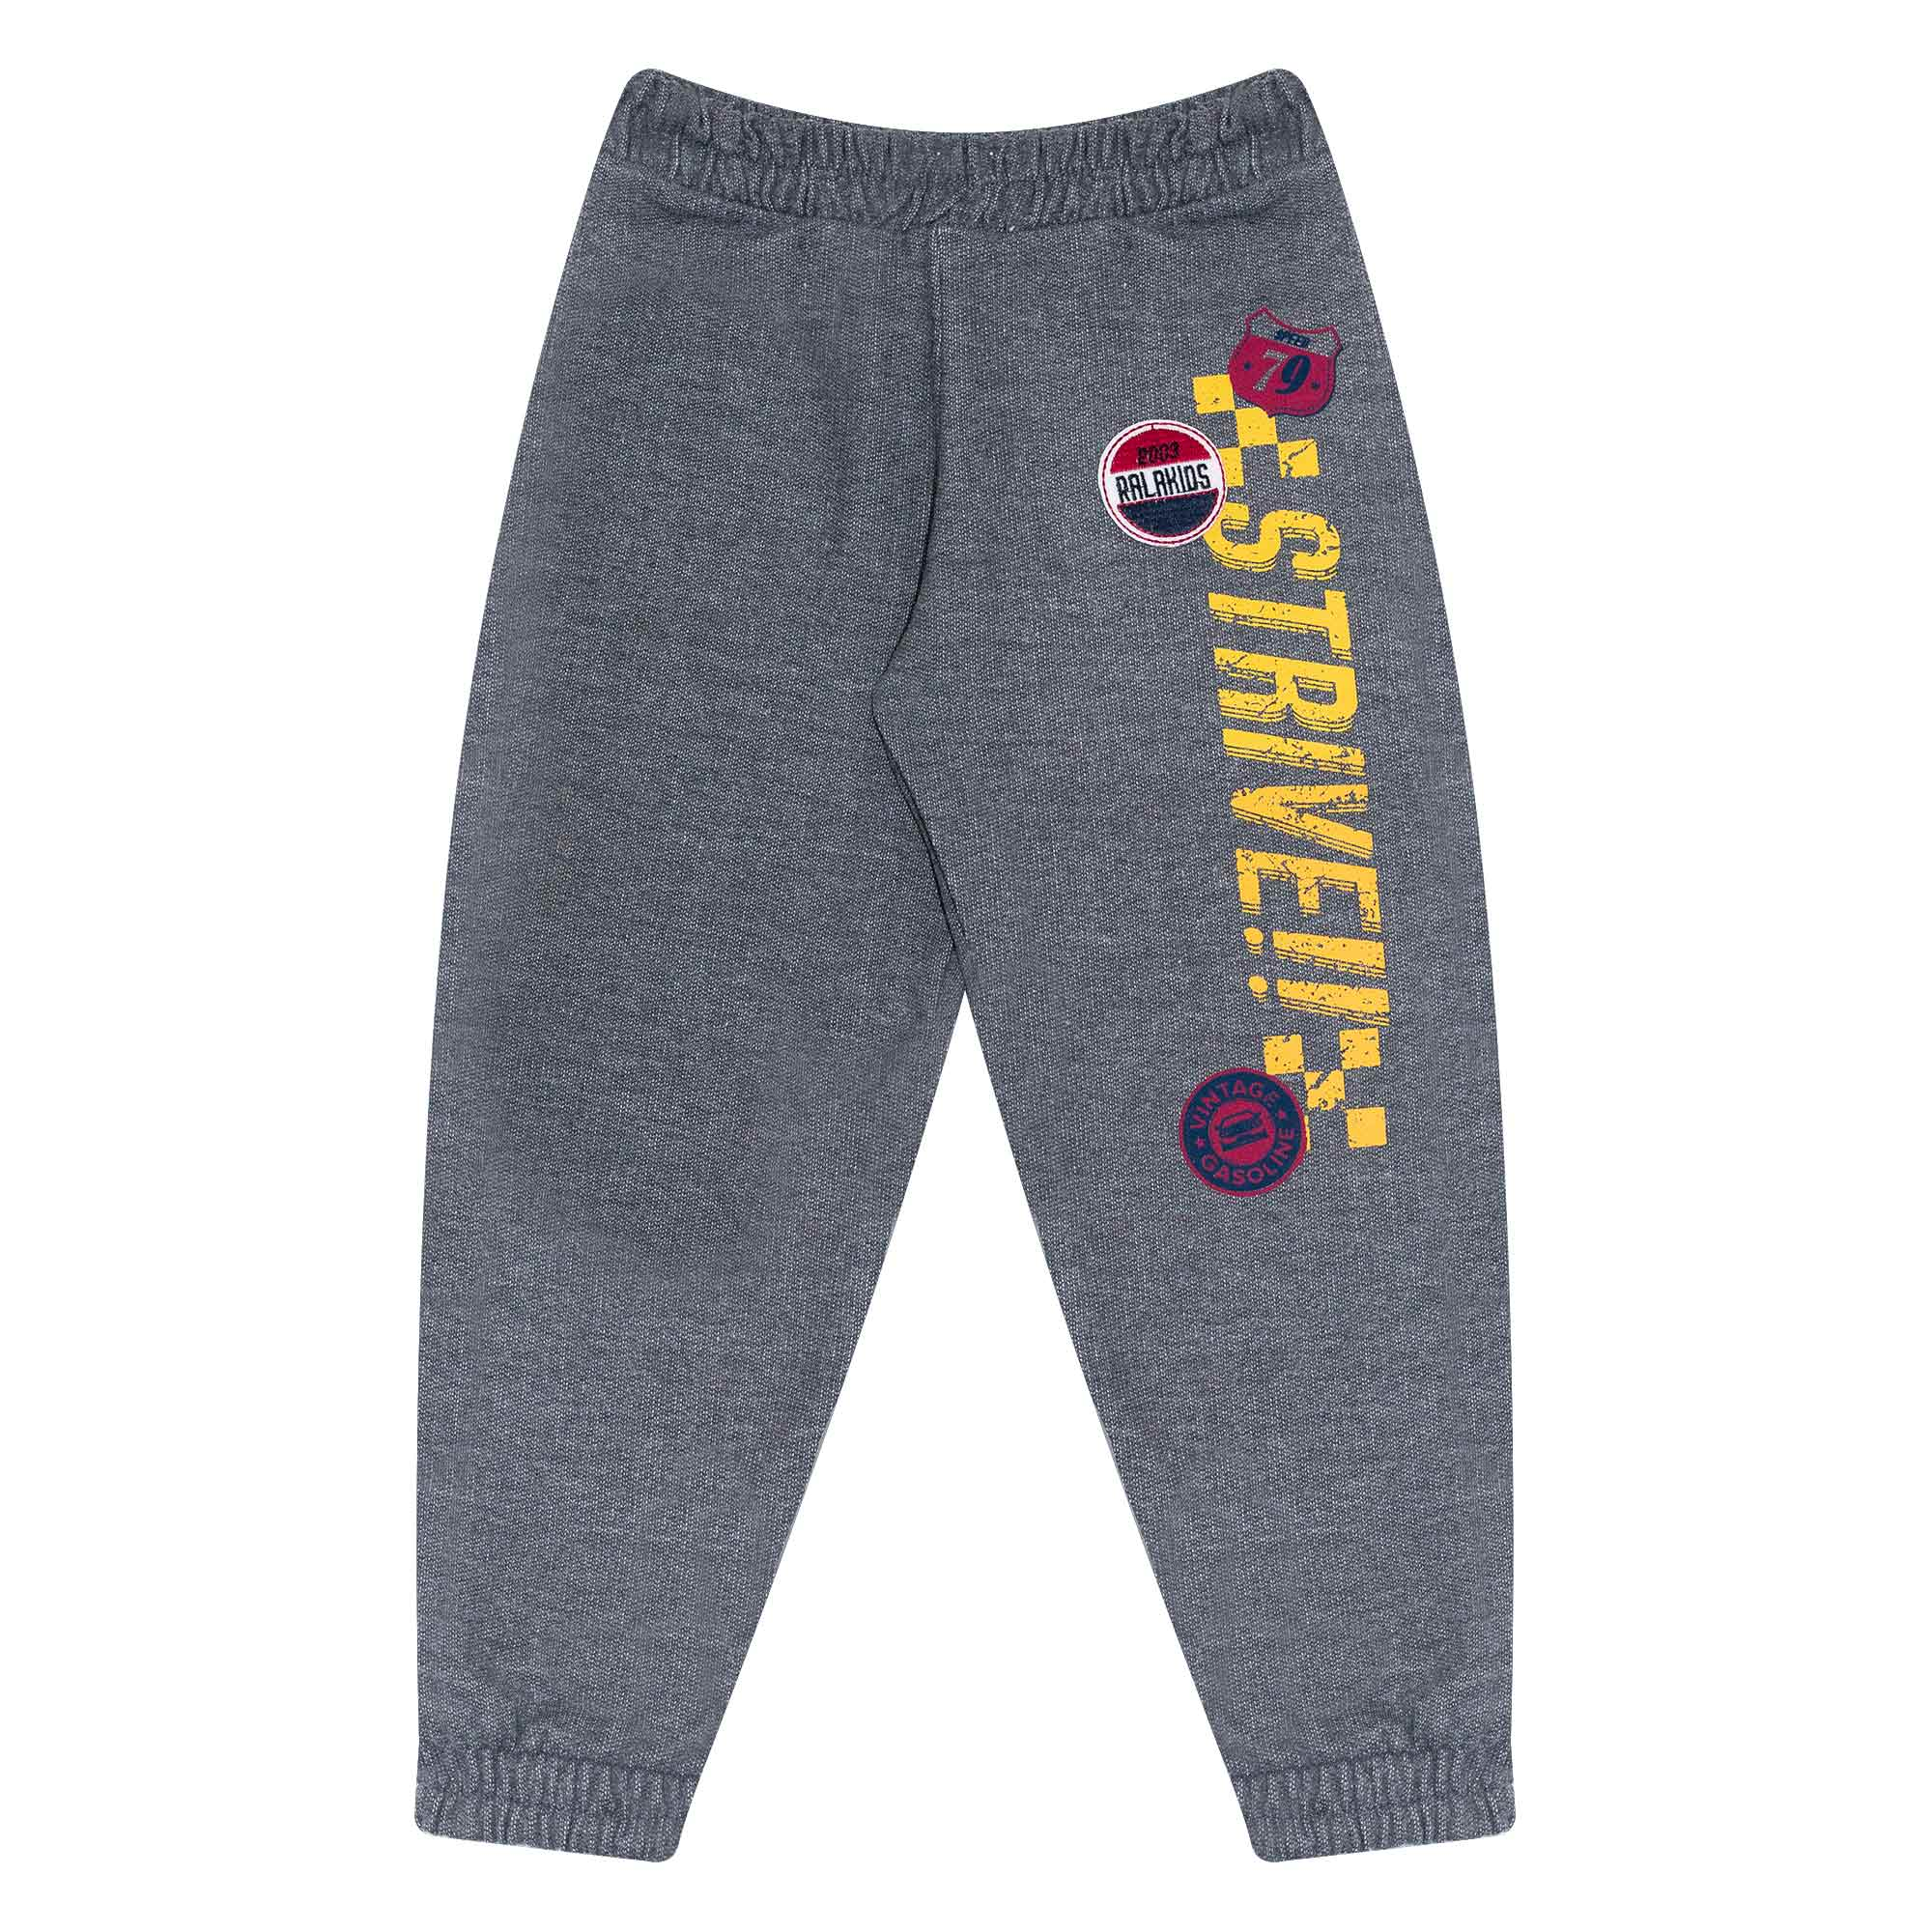 Calça Infantil Masculino - Ref 4156 - Mescla Escuro - Ralakids